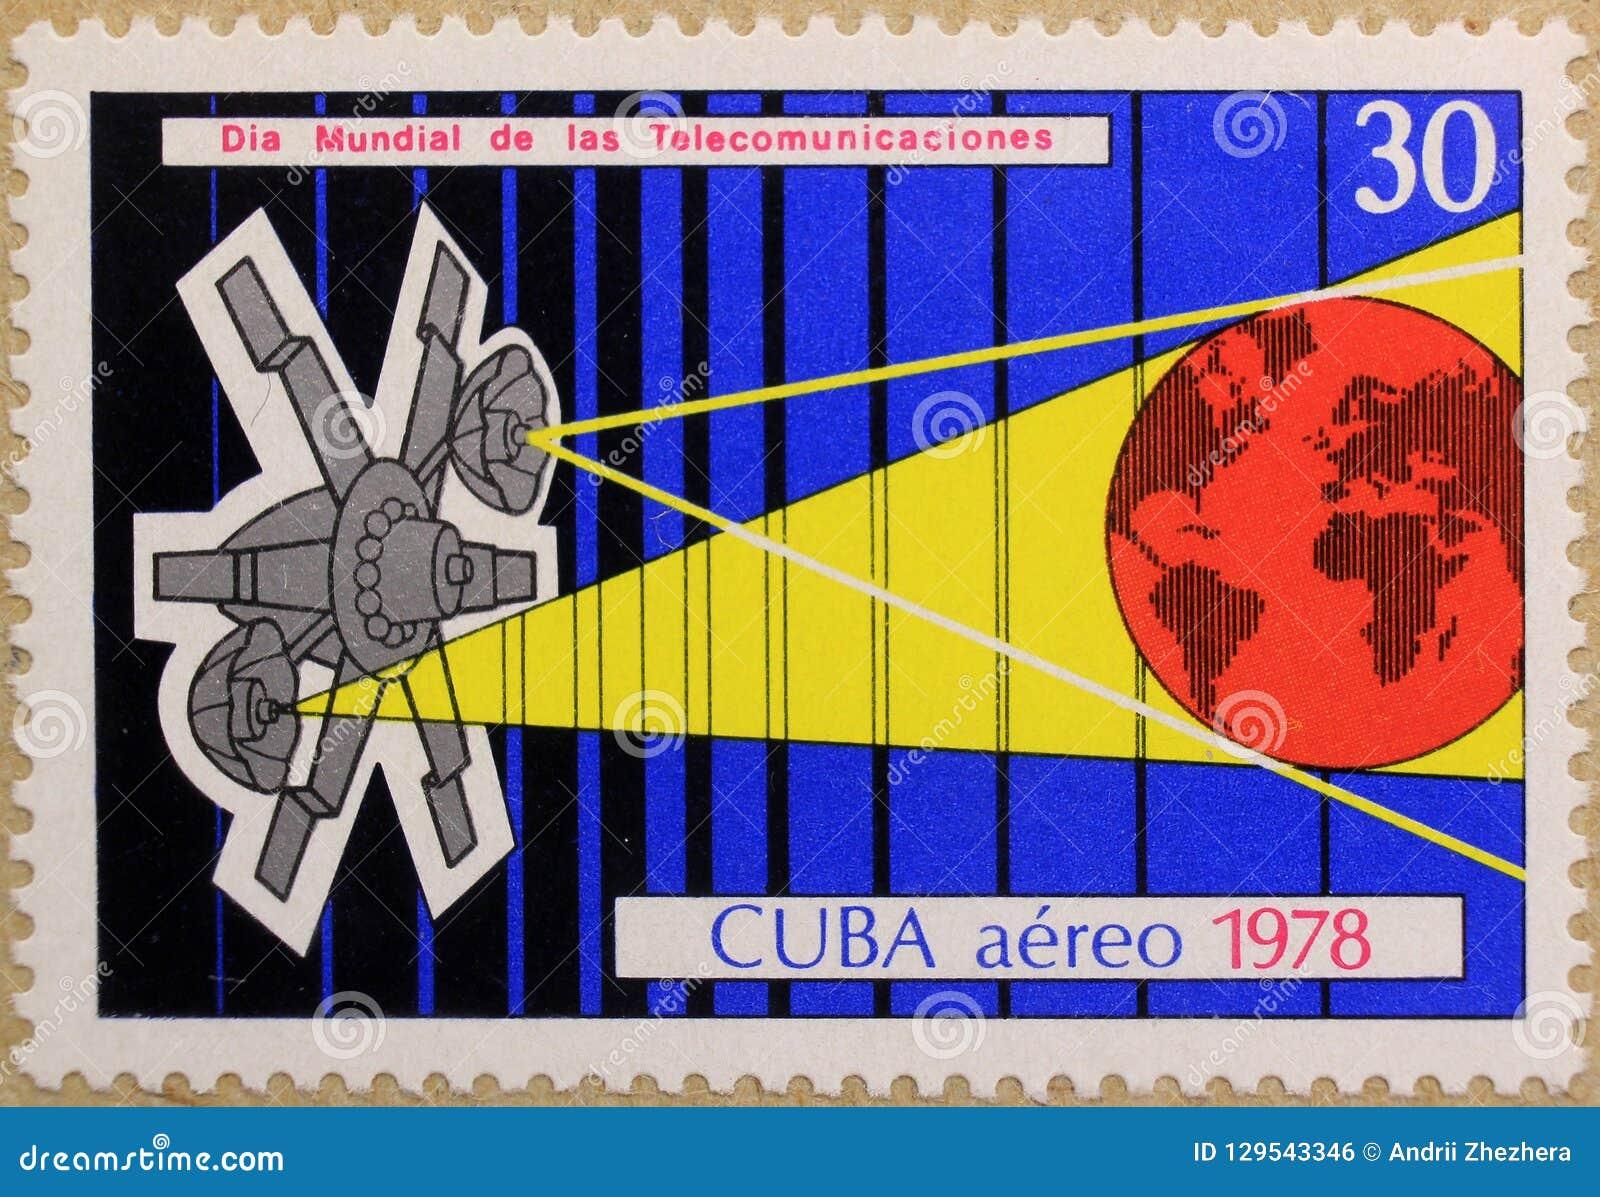 Selo postal de Cuba, dedicado ao dia internacional das telecomunicações